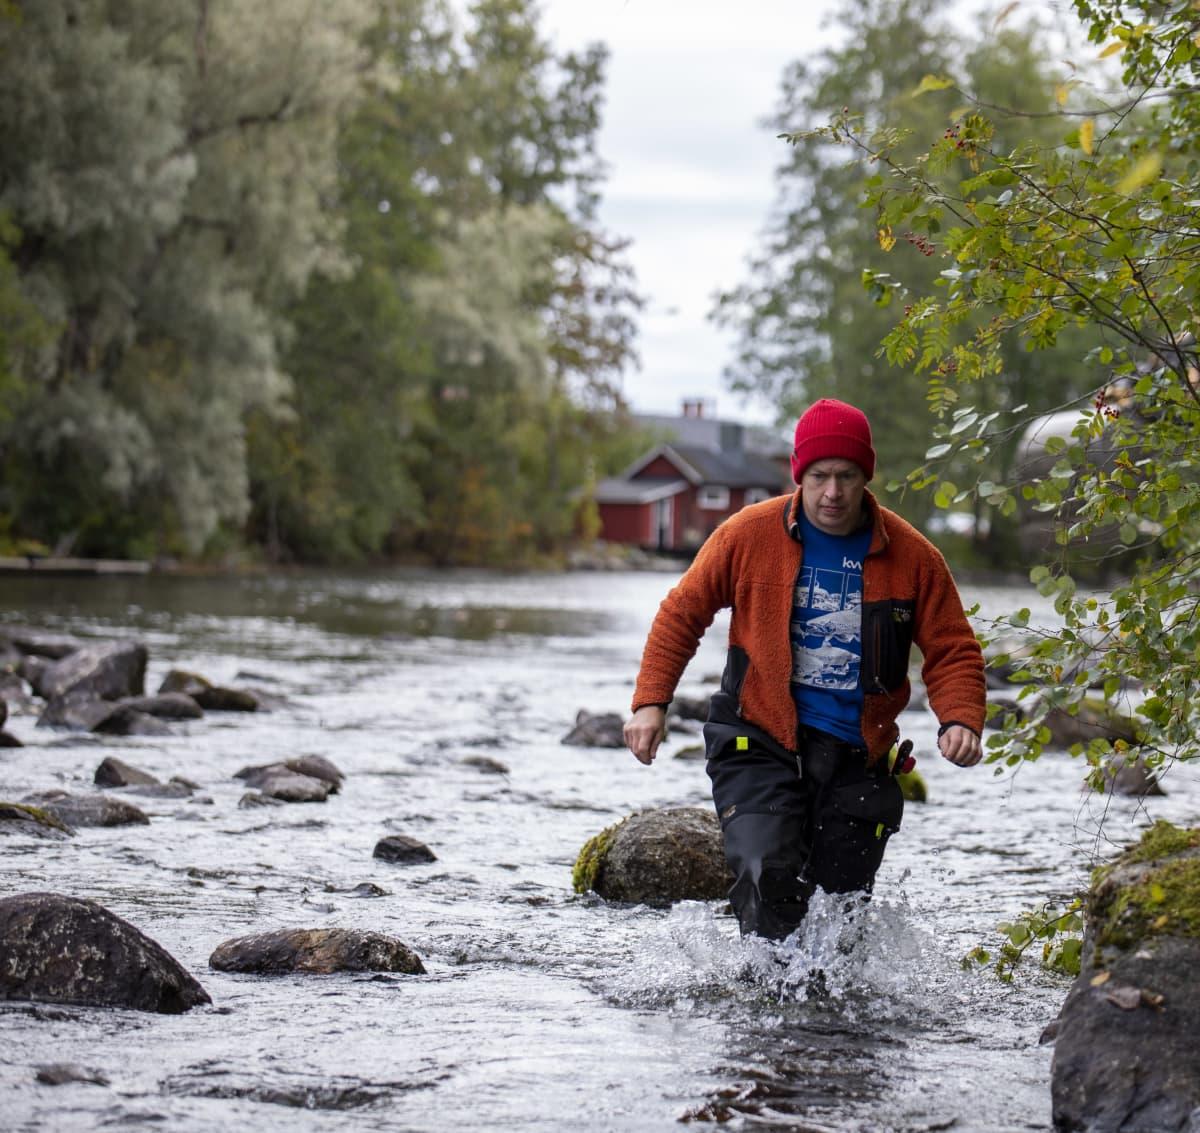 Kokemäenjoen vesistön vesiensuojeluyhdistyksen virtavesiasiantuntija Heikki Holsti Savitaipaleen Saunakoskella.